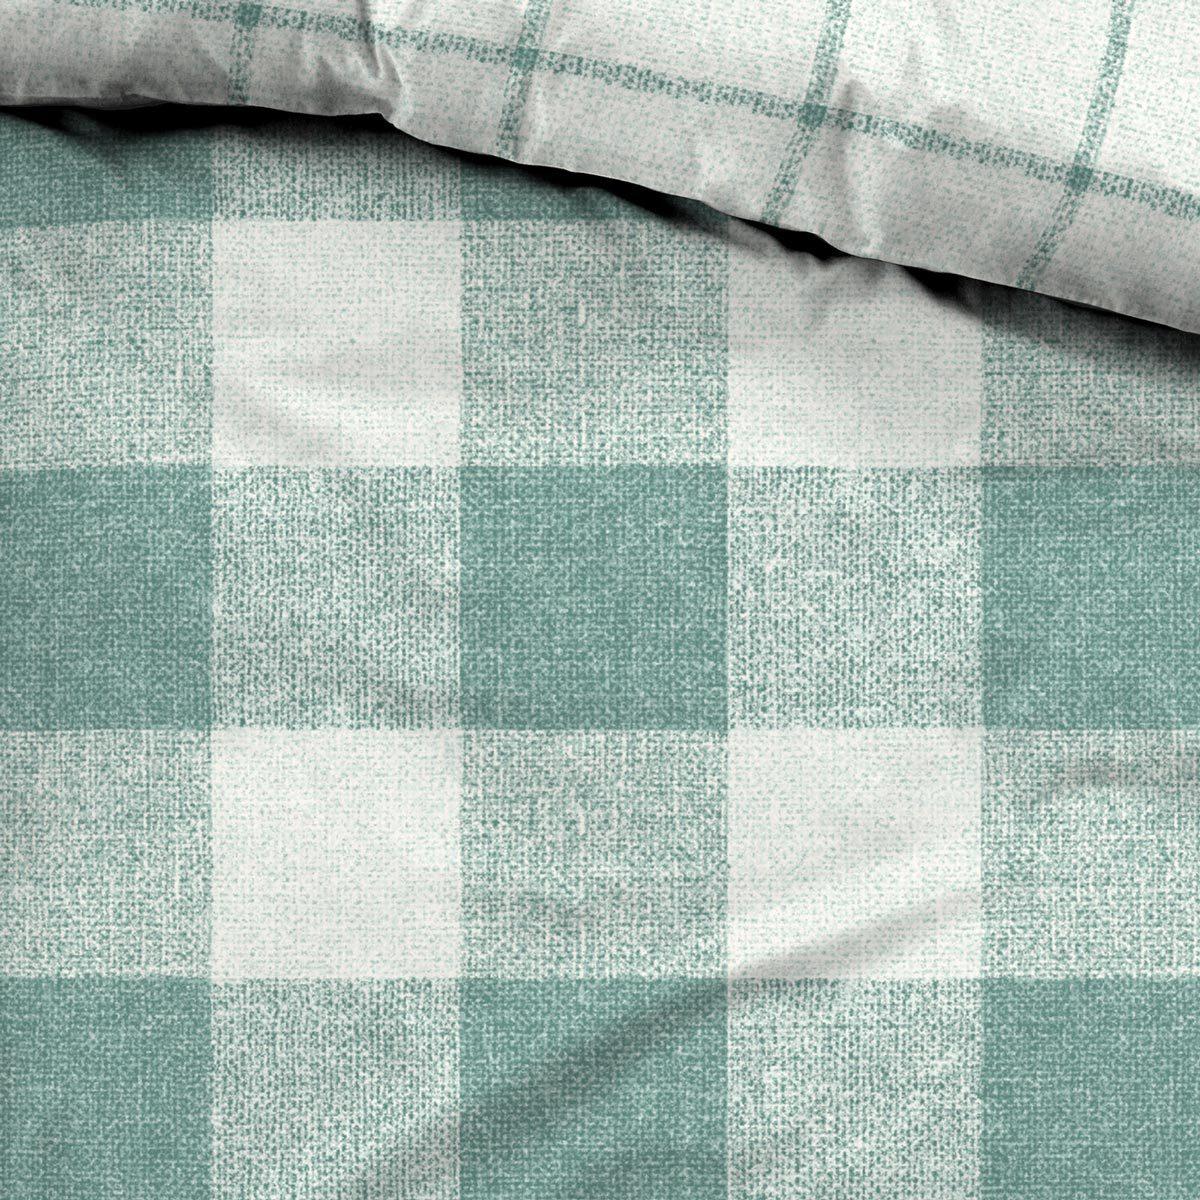 tom tailor flanell wendebettw sche flash kariert gr n g nstig online kaufen bei bettwaren shop. Black Bedroom Furniture Sets. Home Design Ideas